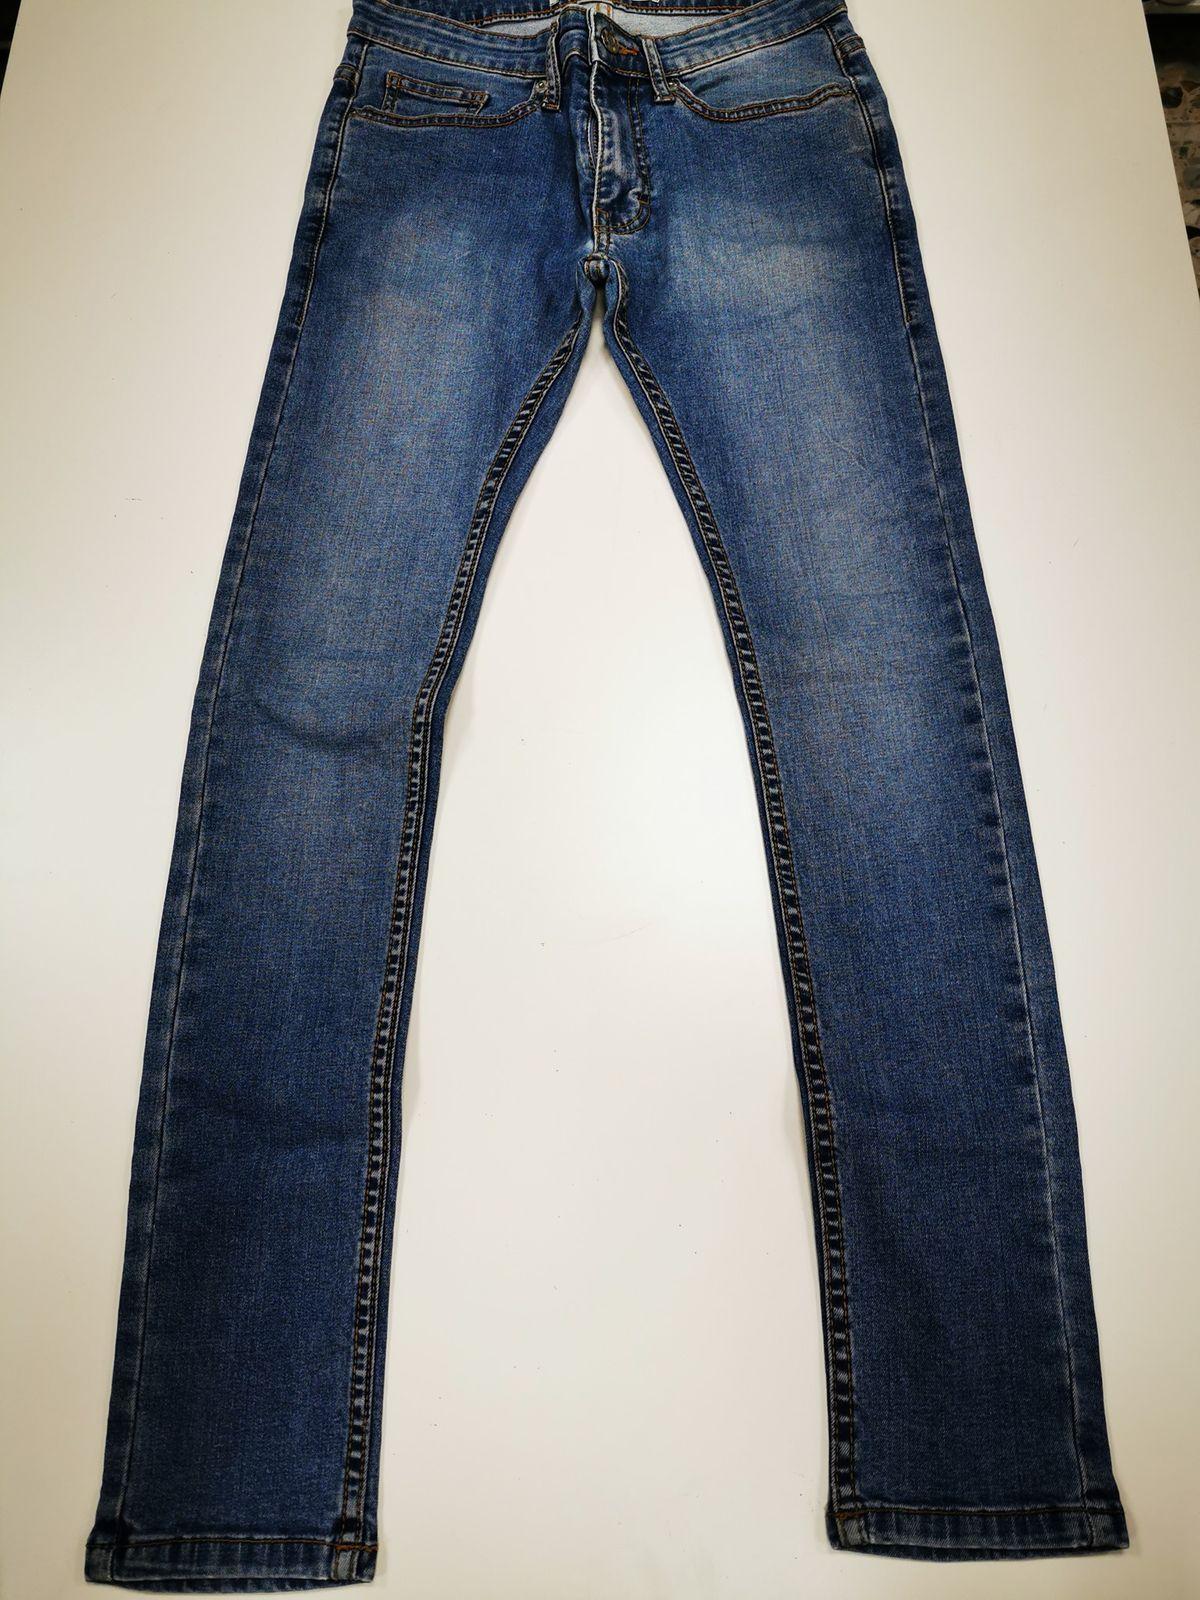 Jeans 13/14 anni Vita bassa € 16,00 10397